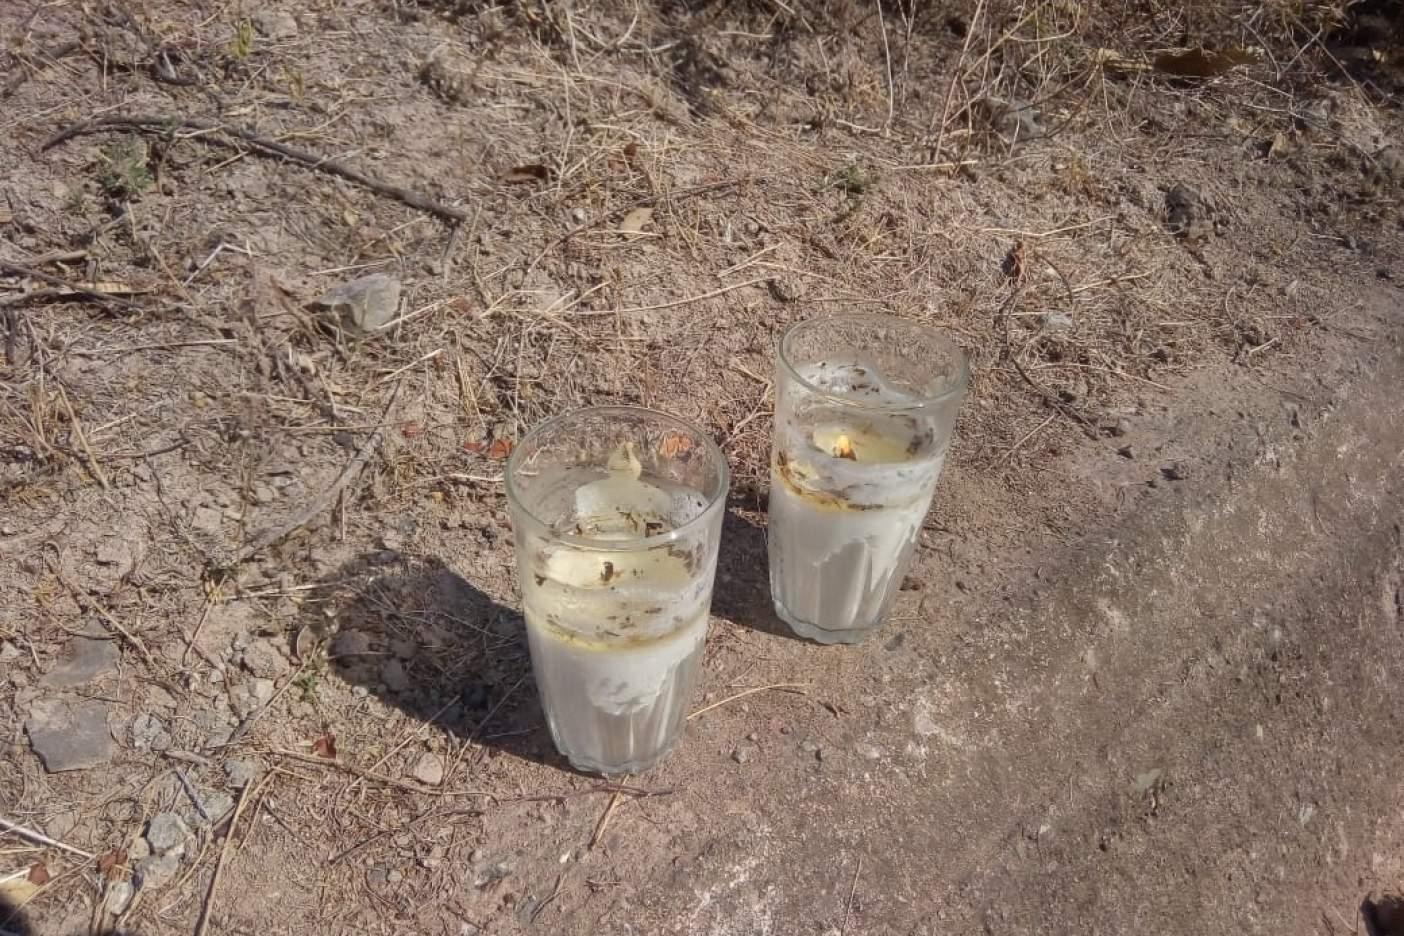 Mueren asesinados 16 campesinos en Sinaloa; familias comienzan a migrar